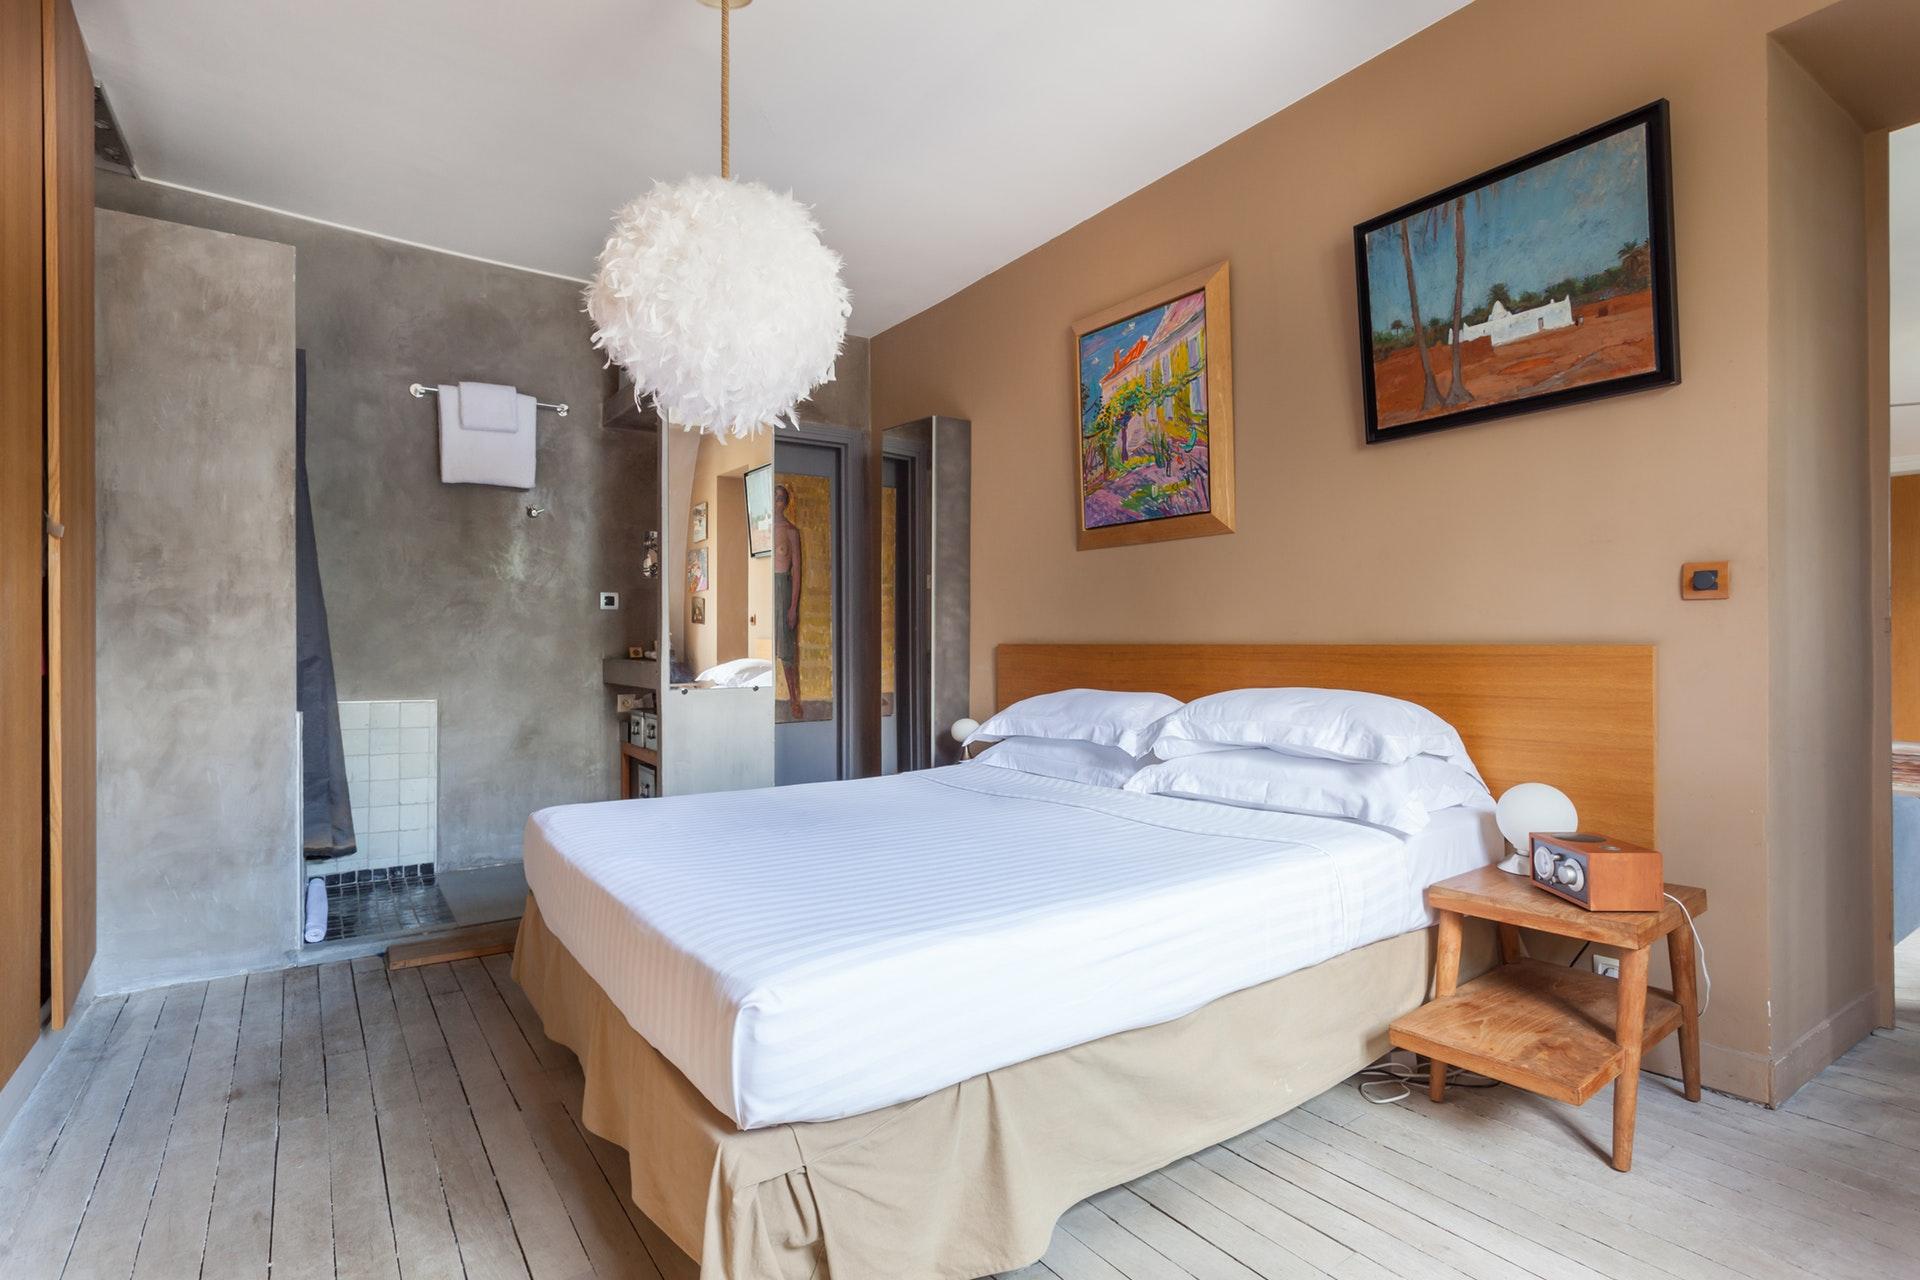 спальня кровать изголовье деревянная половая доска душевая кабина